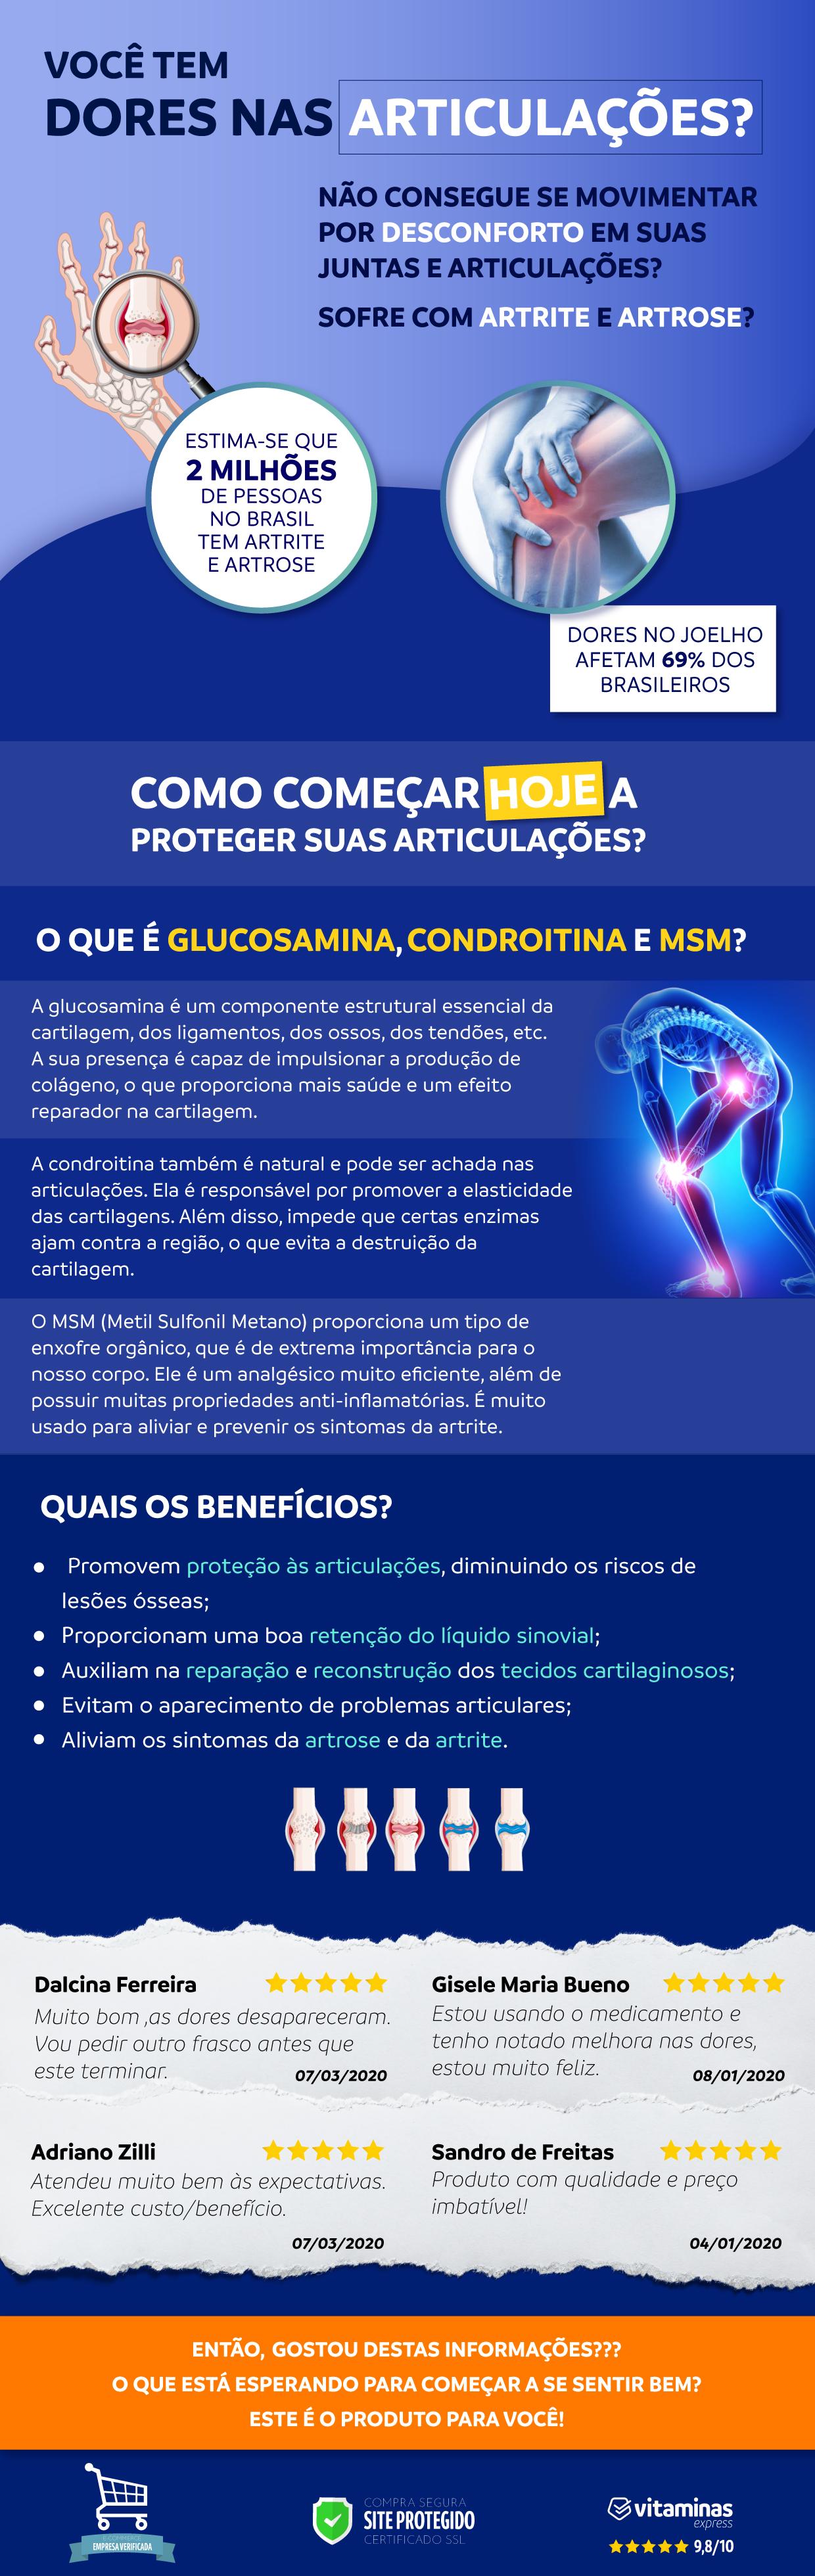 Osteo Bi Flex triple strength é um component de Glucosamina condroitina e msm para a saúde das articulações